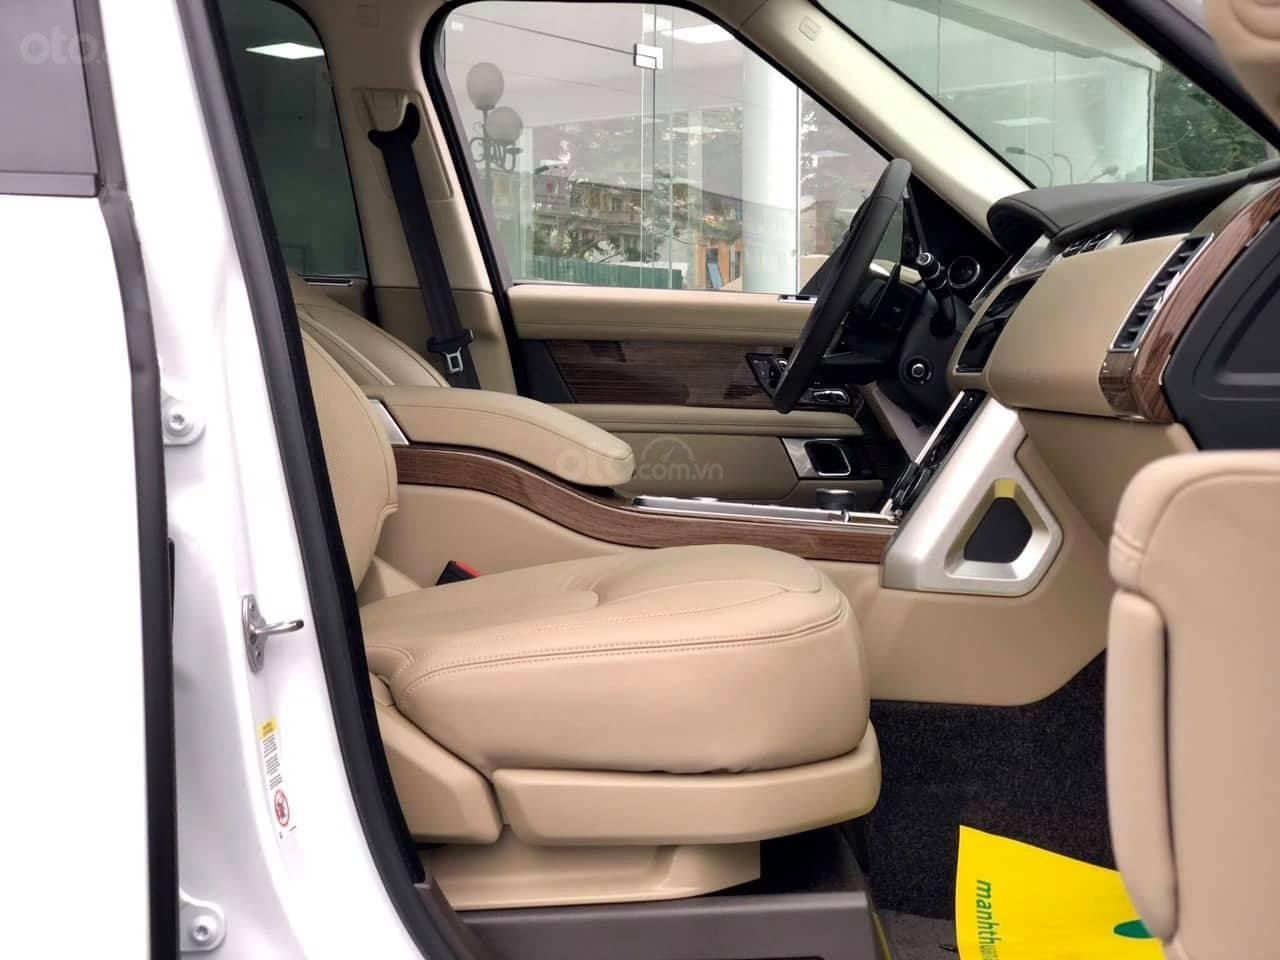 Bán ô tô LandRover Range Rover HSE đời 2018, màu trắng, nhập khẩu nguyên chiếc, LH 0905098888 - 0982.84.2838 (14)